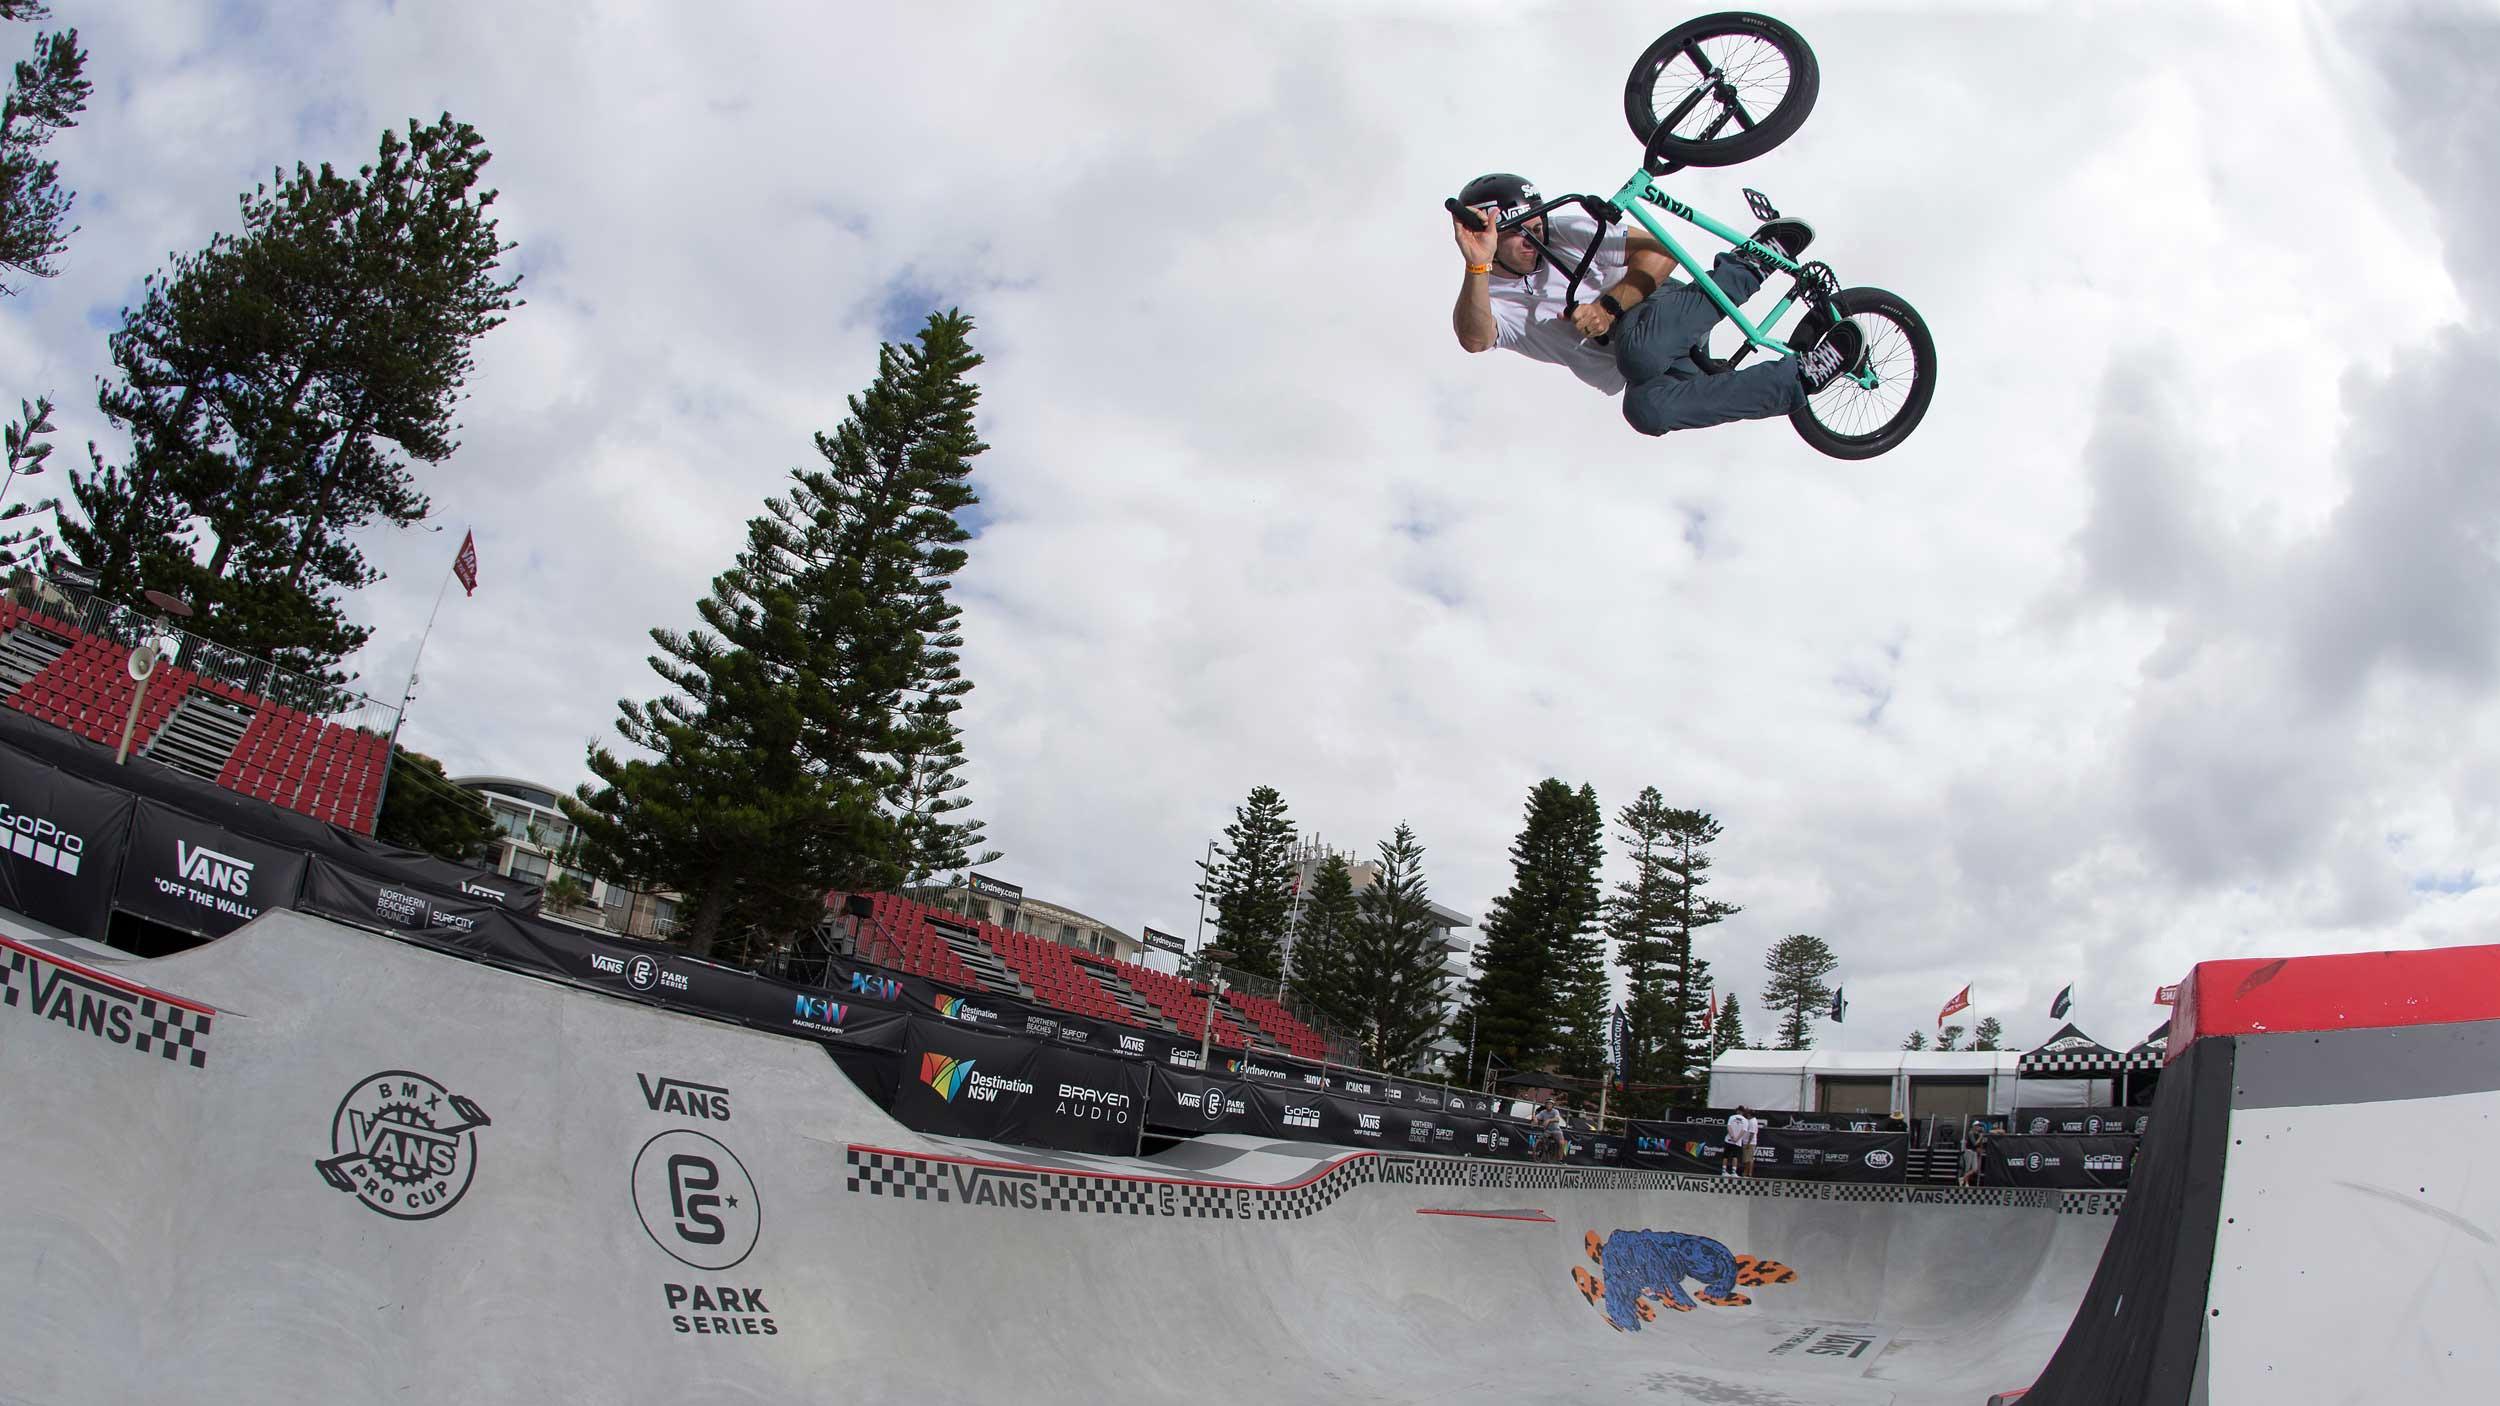 VANS BMX PRO CUP: Round 1 – Sydney Australia – This Weekend!